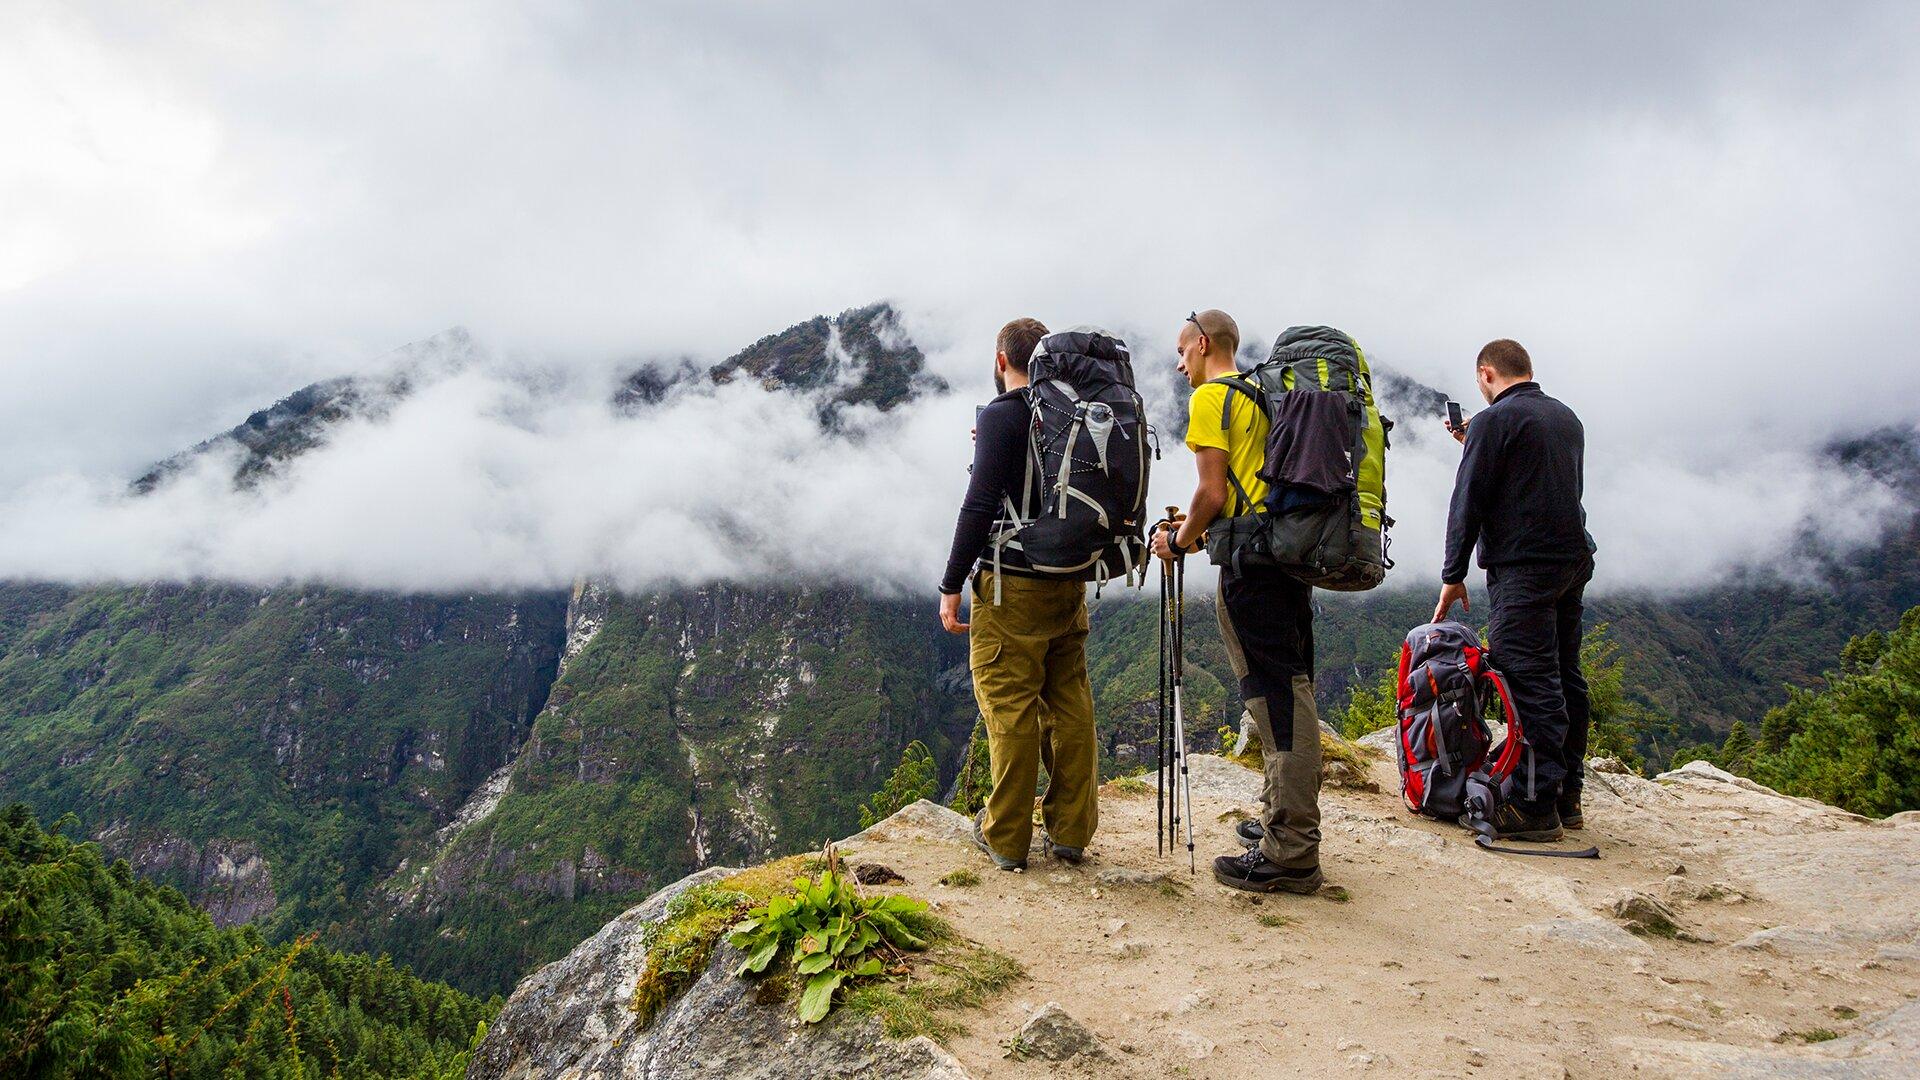 Everest Base Camp travelogue. Частина 1. Трек до базового табору Евереста - ціна, опис